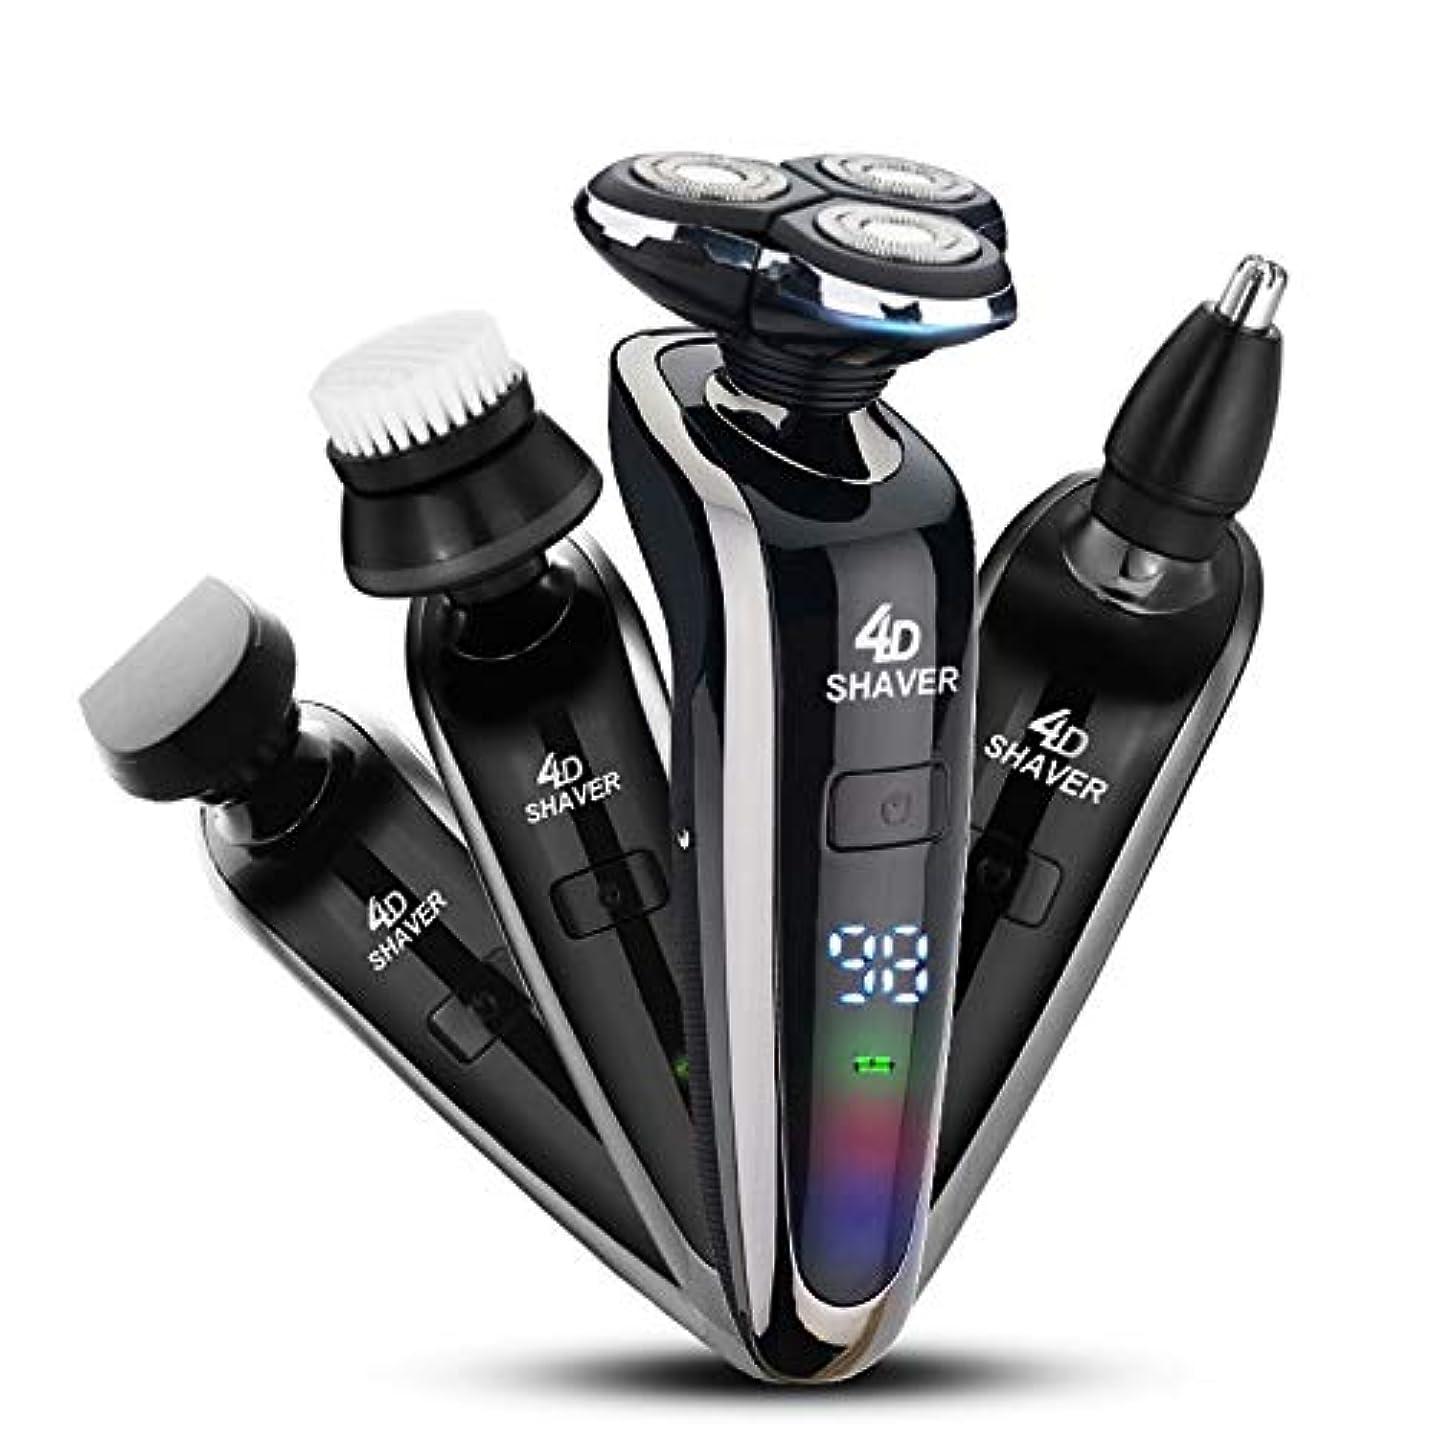 部分的に健康習字メンズ電気シェーバー 3枚刃 4 in 1髭剃り USB充電式 LEDディスプレイー お風呂剃り可能 トリマーと鼻毛カッター 洗顔ブラシ付き 防水仕様IPX基準 本体丸洗い可能